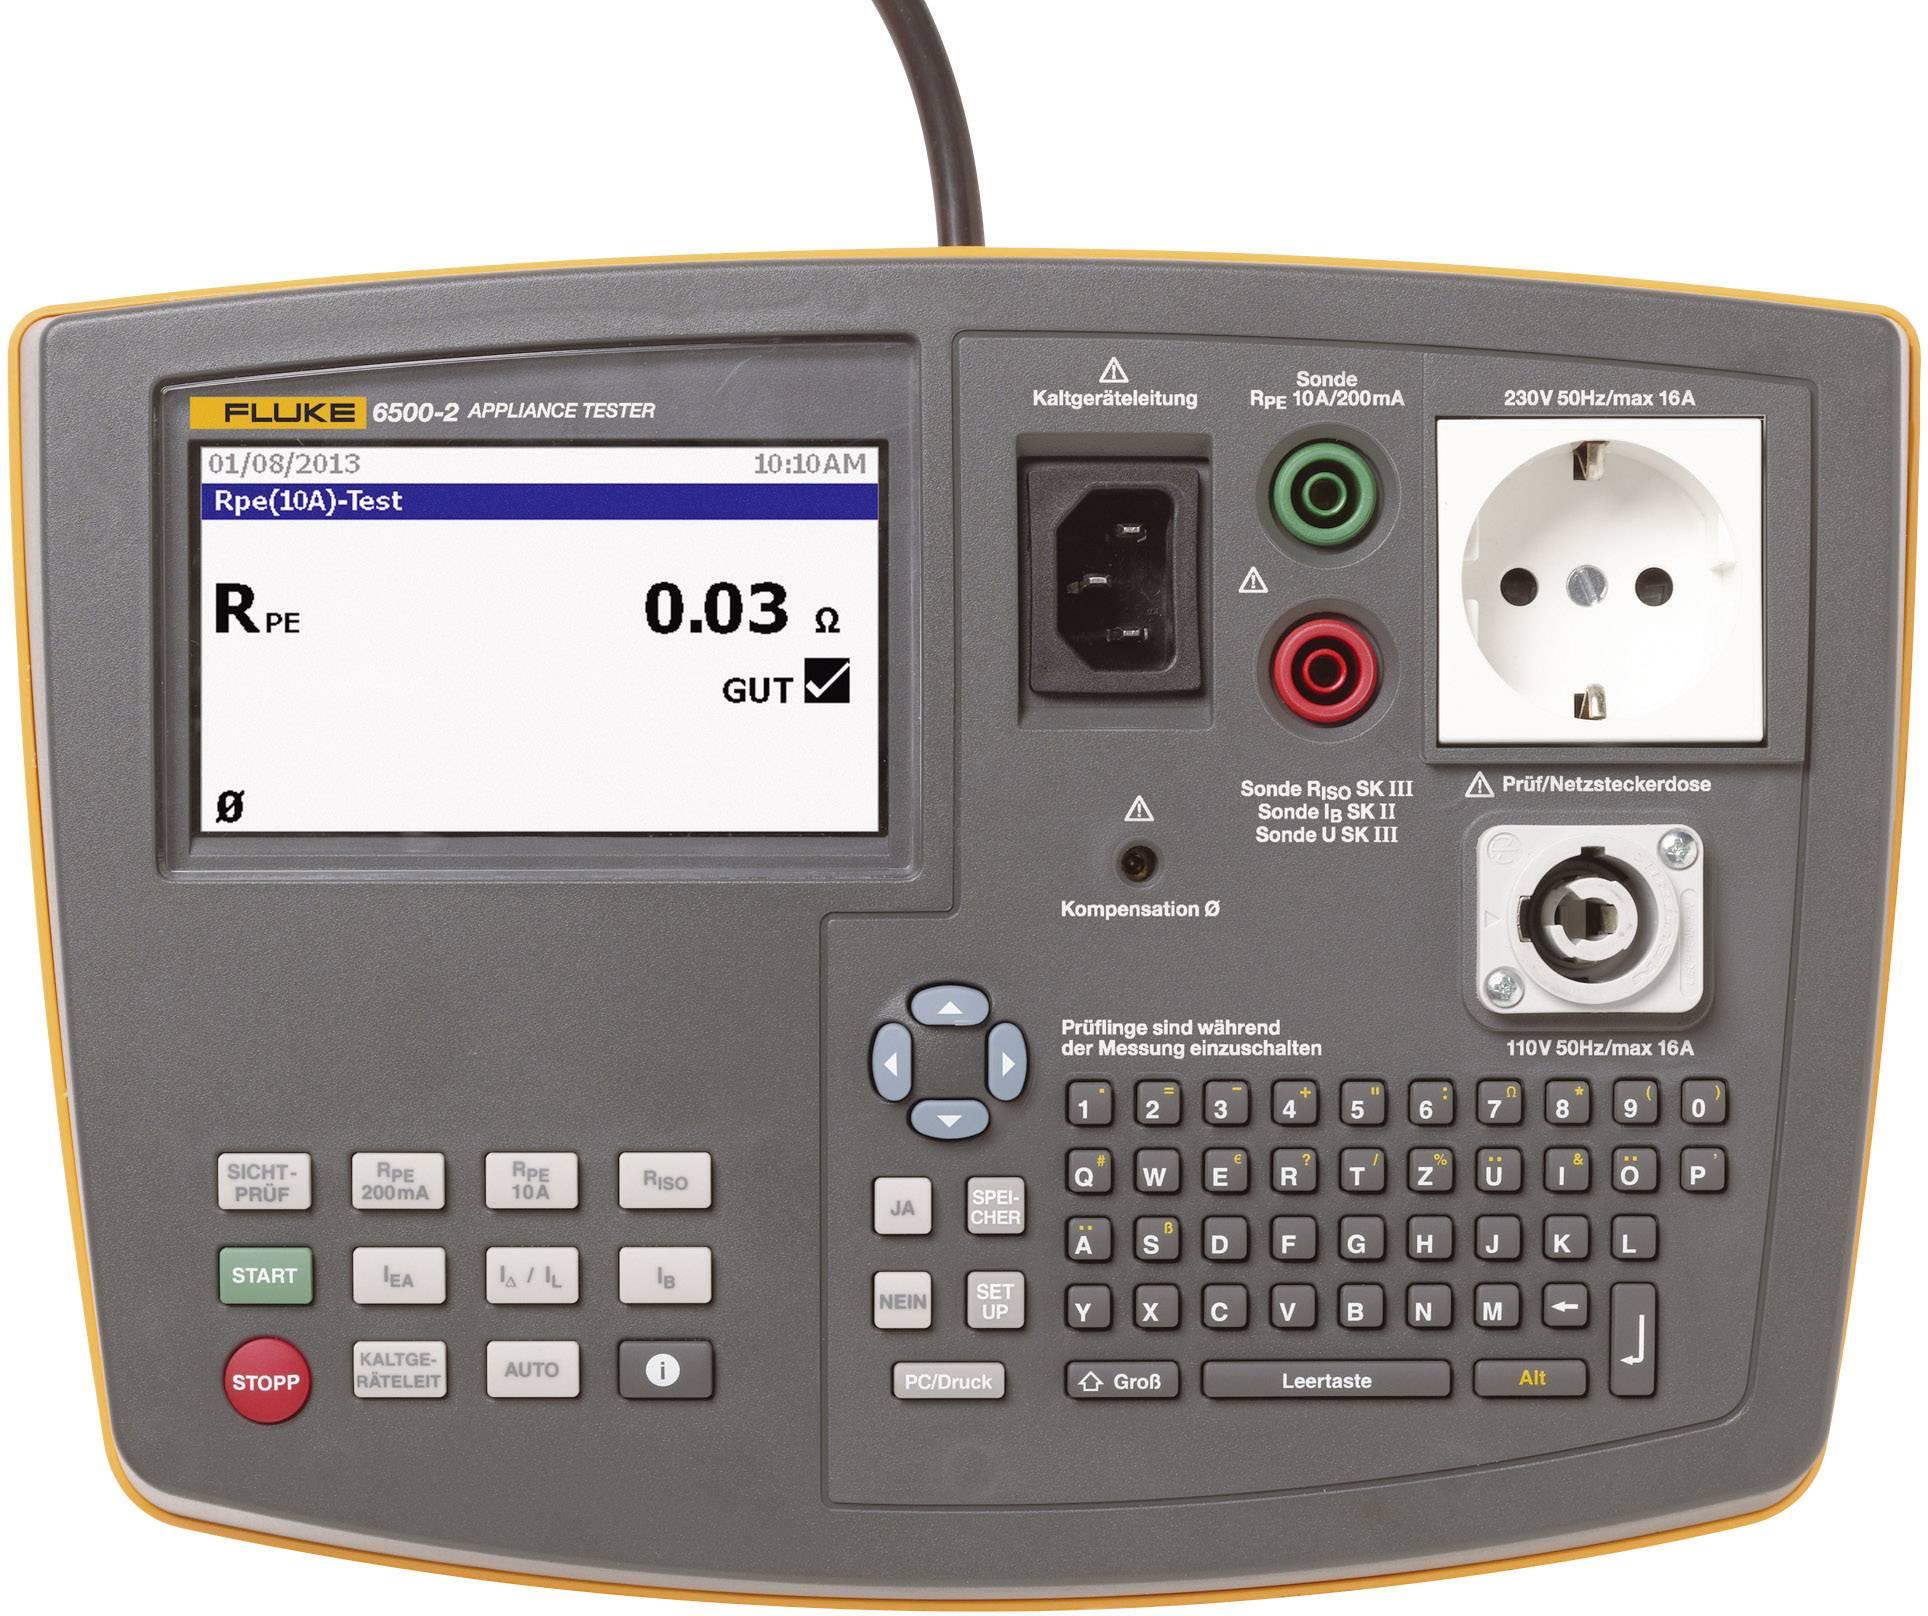 Tester spotřebičů Fluke 6500-2 DE 3HR SEM se softwarem